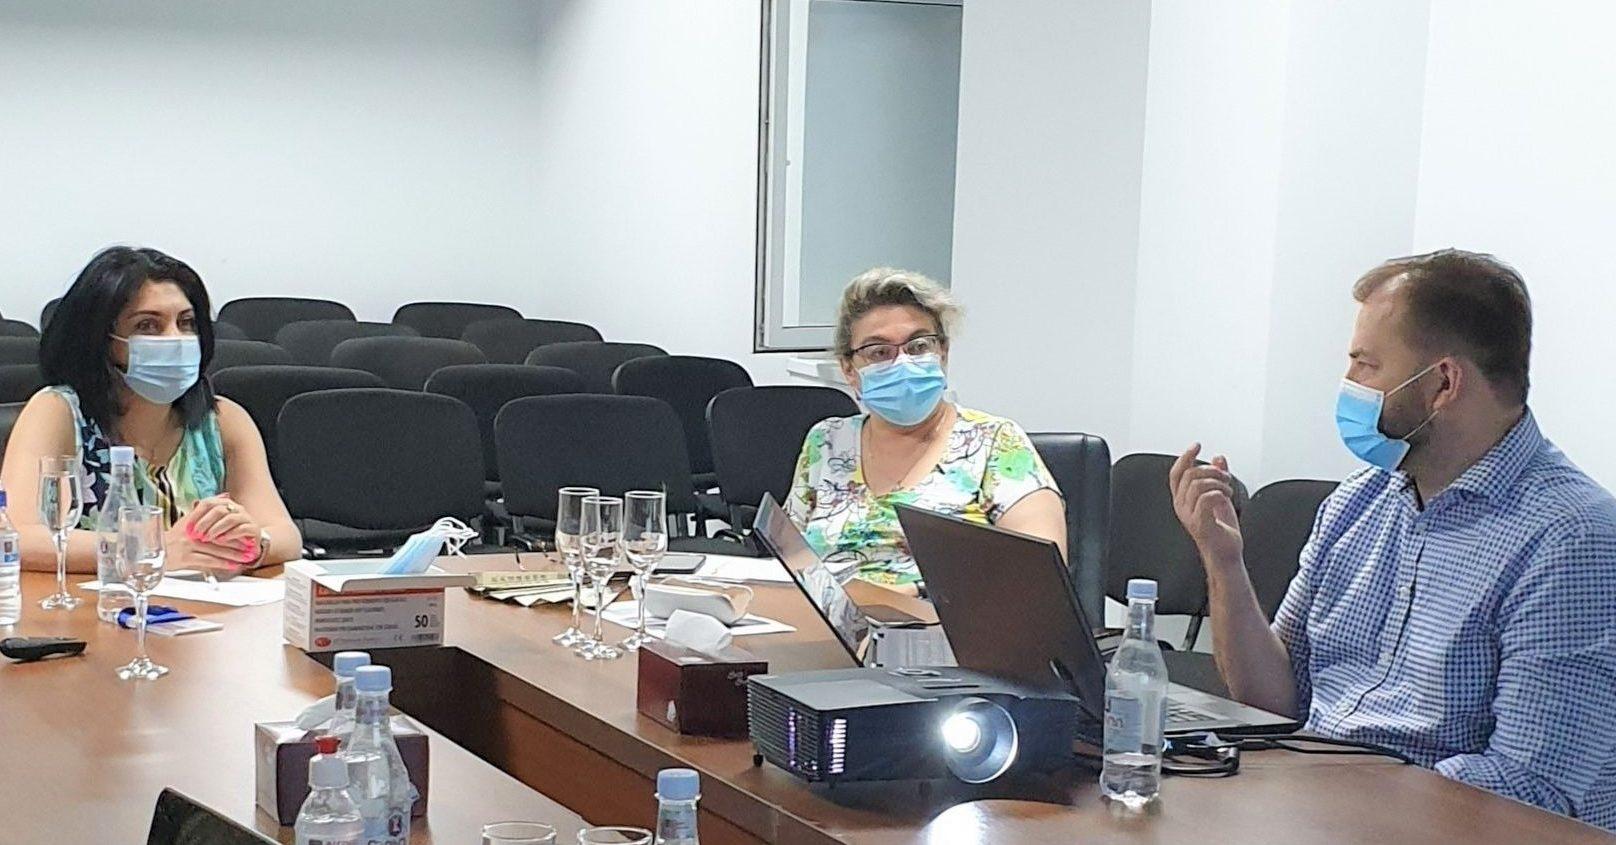 Գործընկերները քննարկել են կորոնավիրուսային հիվանդության դեմ պայքարի միջոցառումները